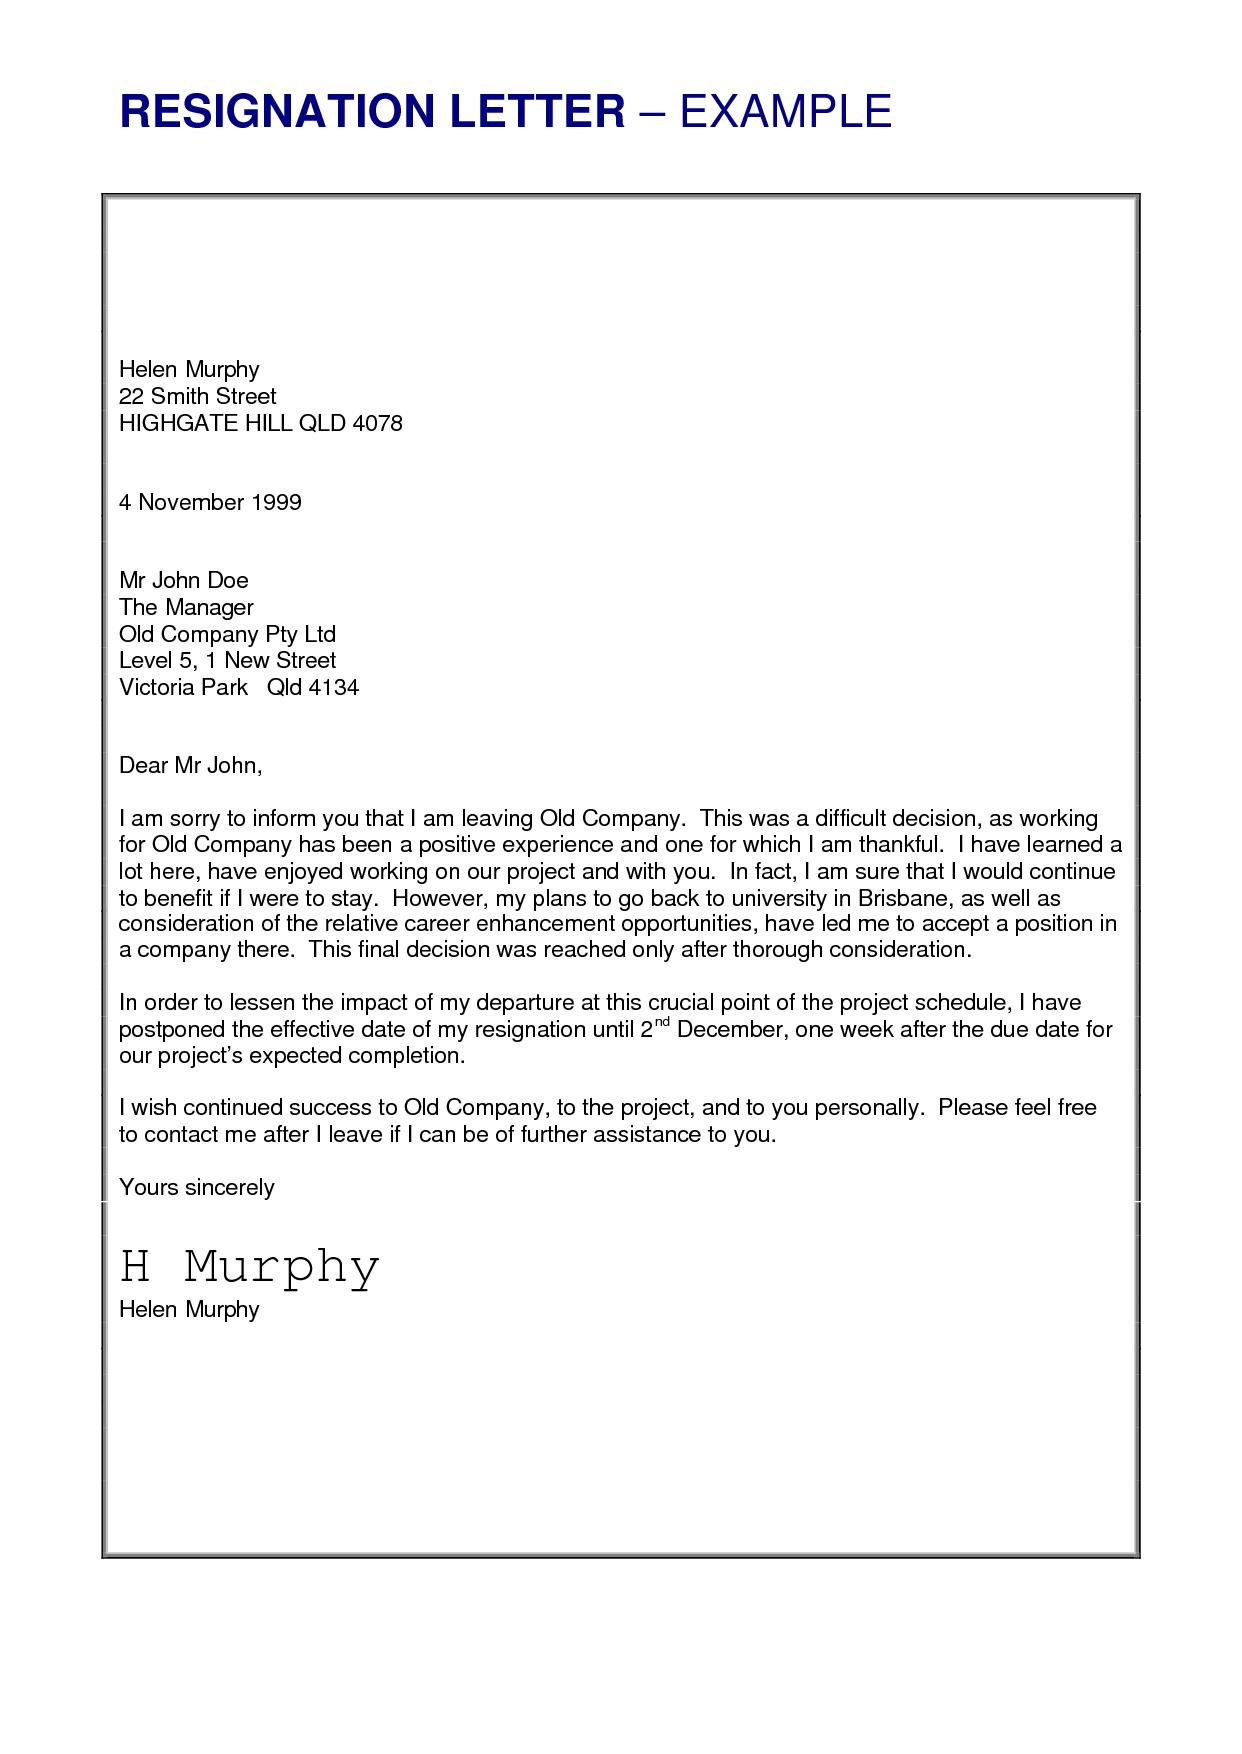 Letter Of Resignation Nursing Template - Job Resignation Letter Sample Loganun Blog